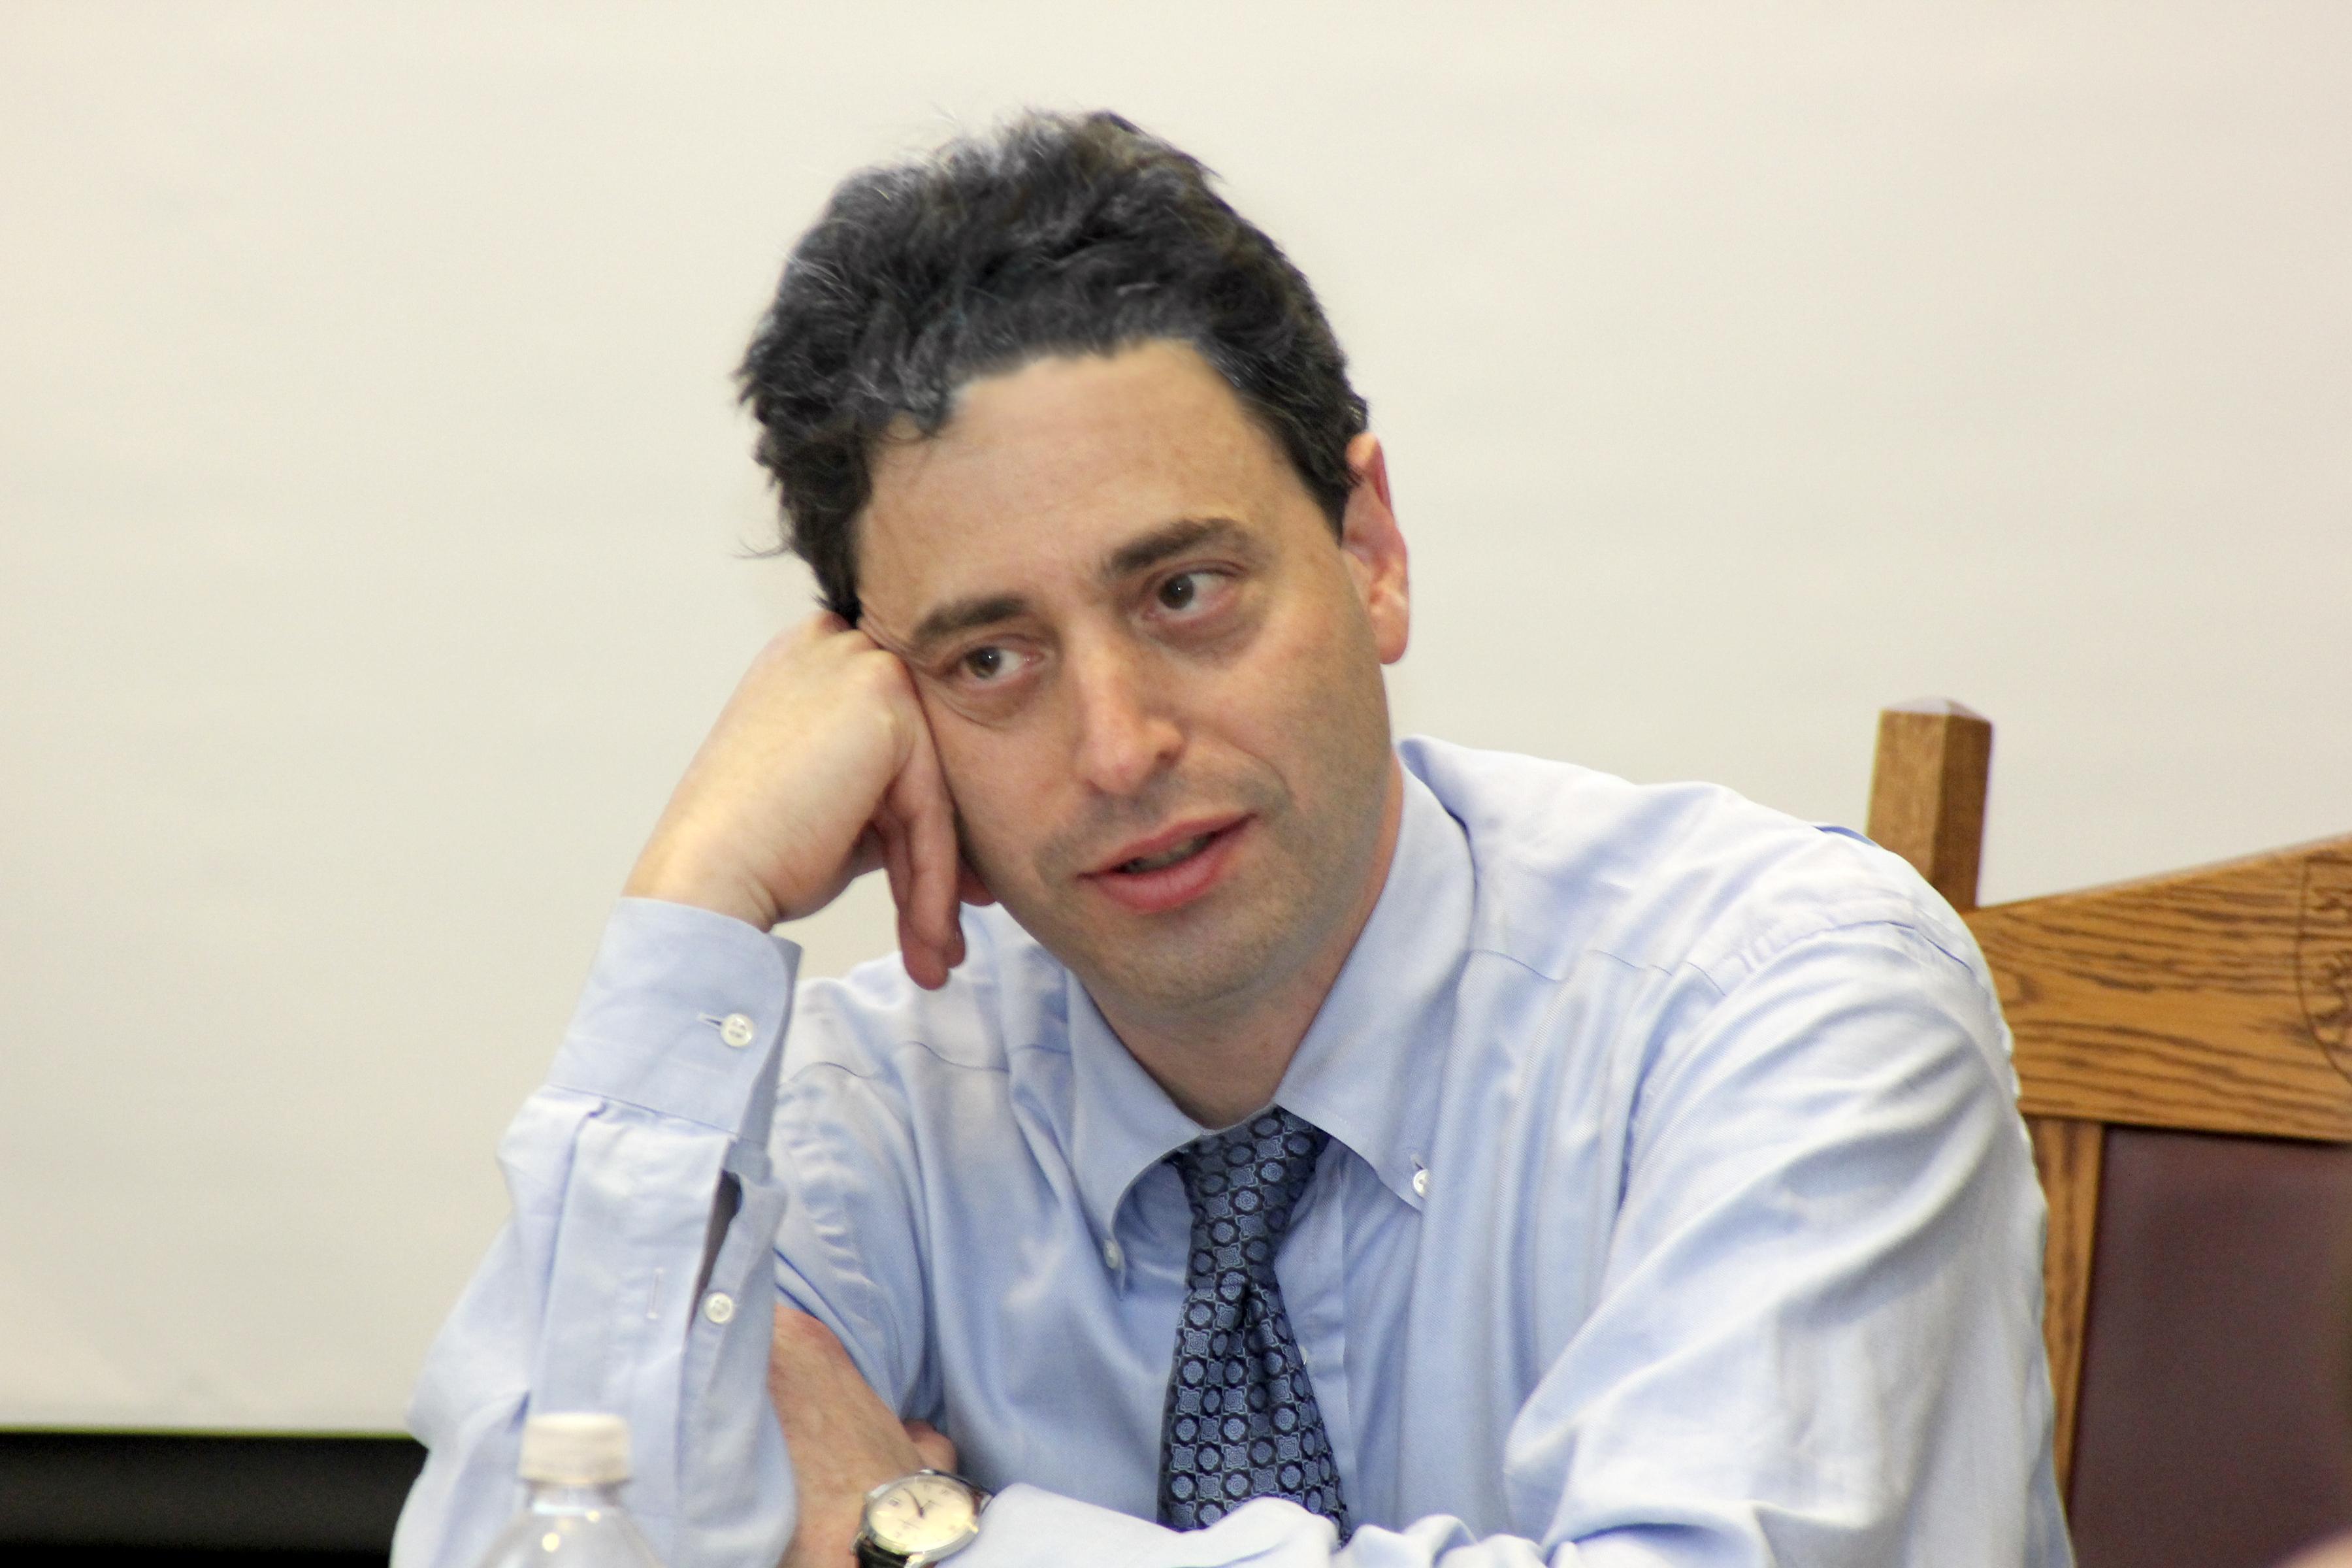 Mark D. Cahn '86